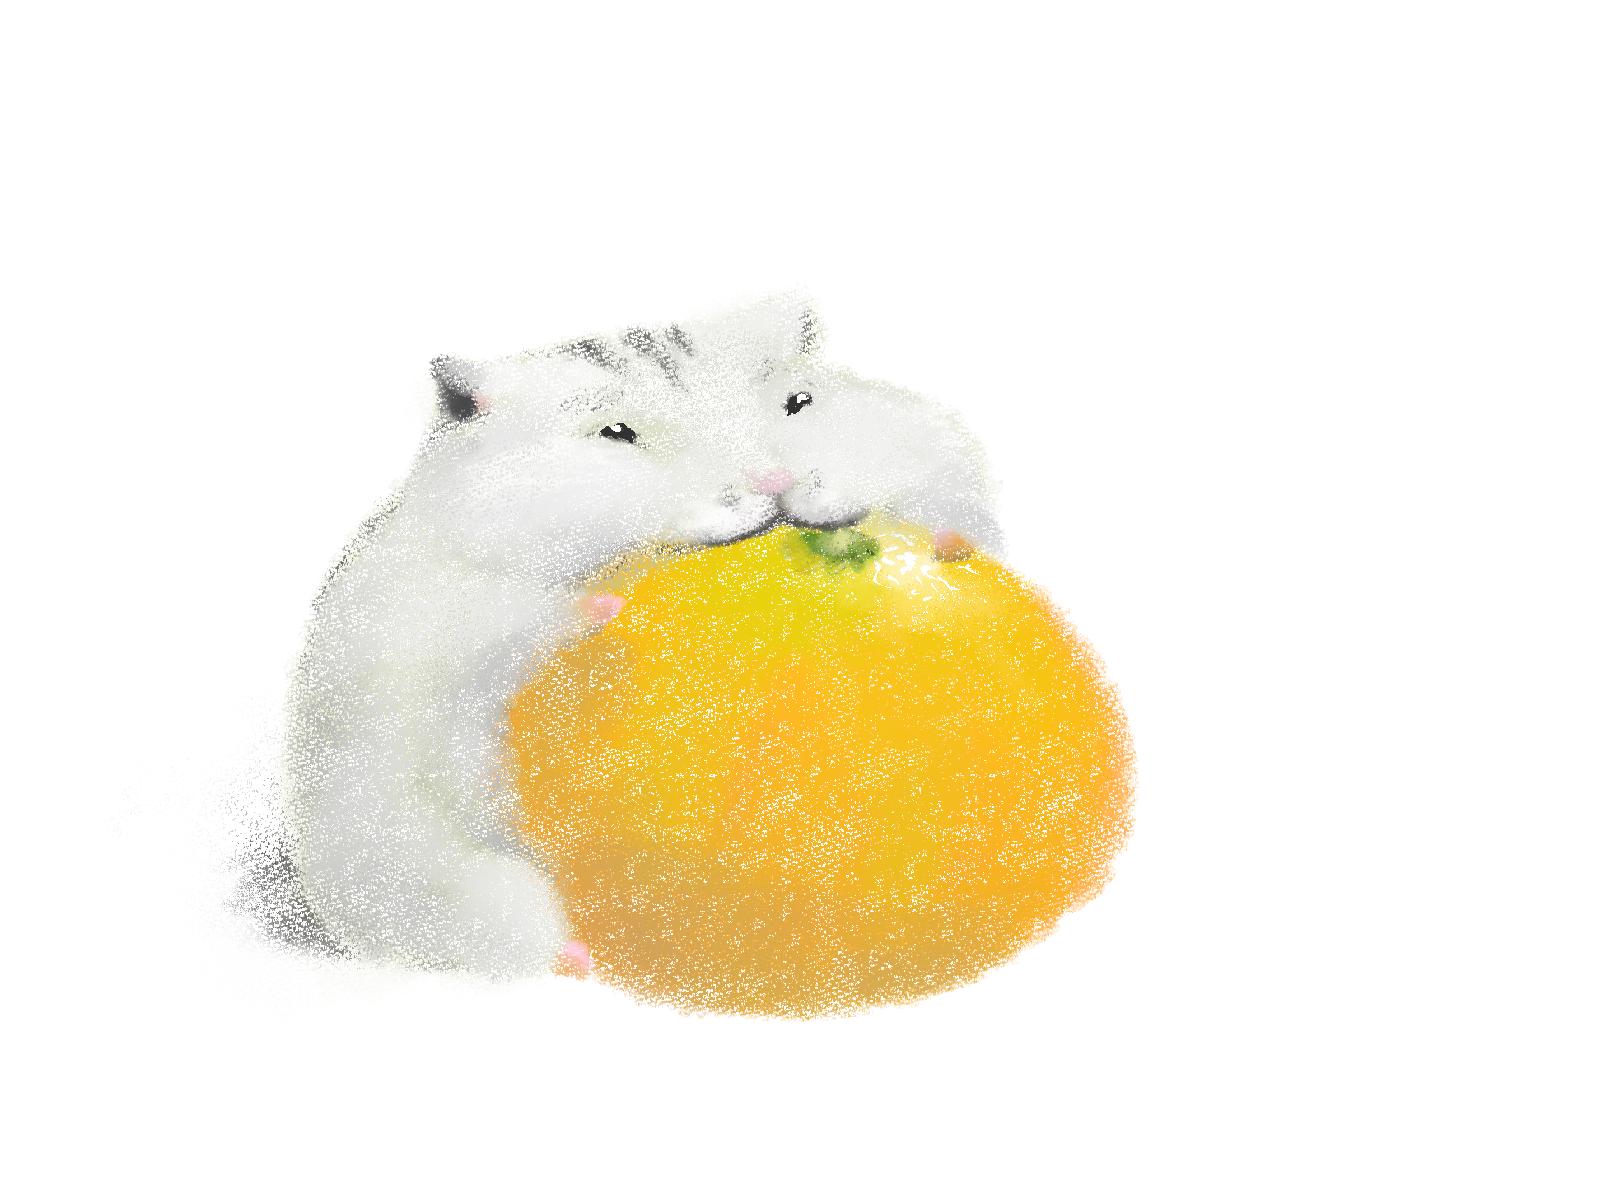 ハムスターはみかんやオレンジを食べられます